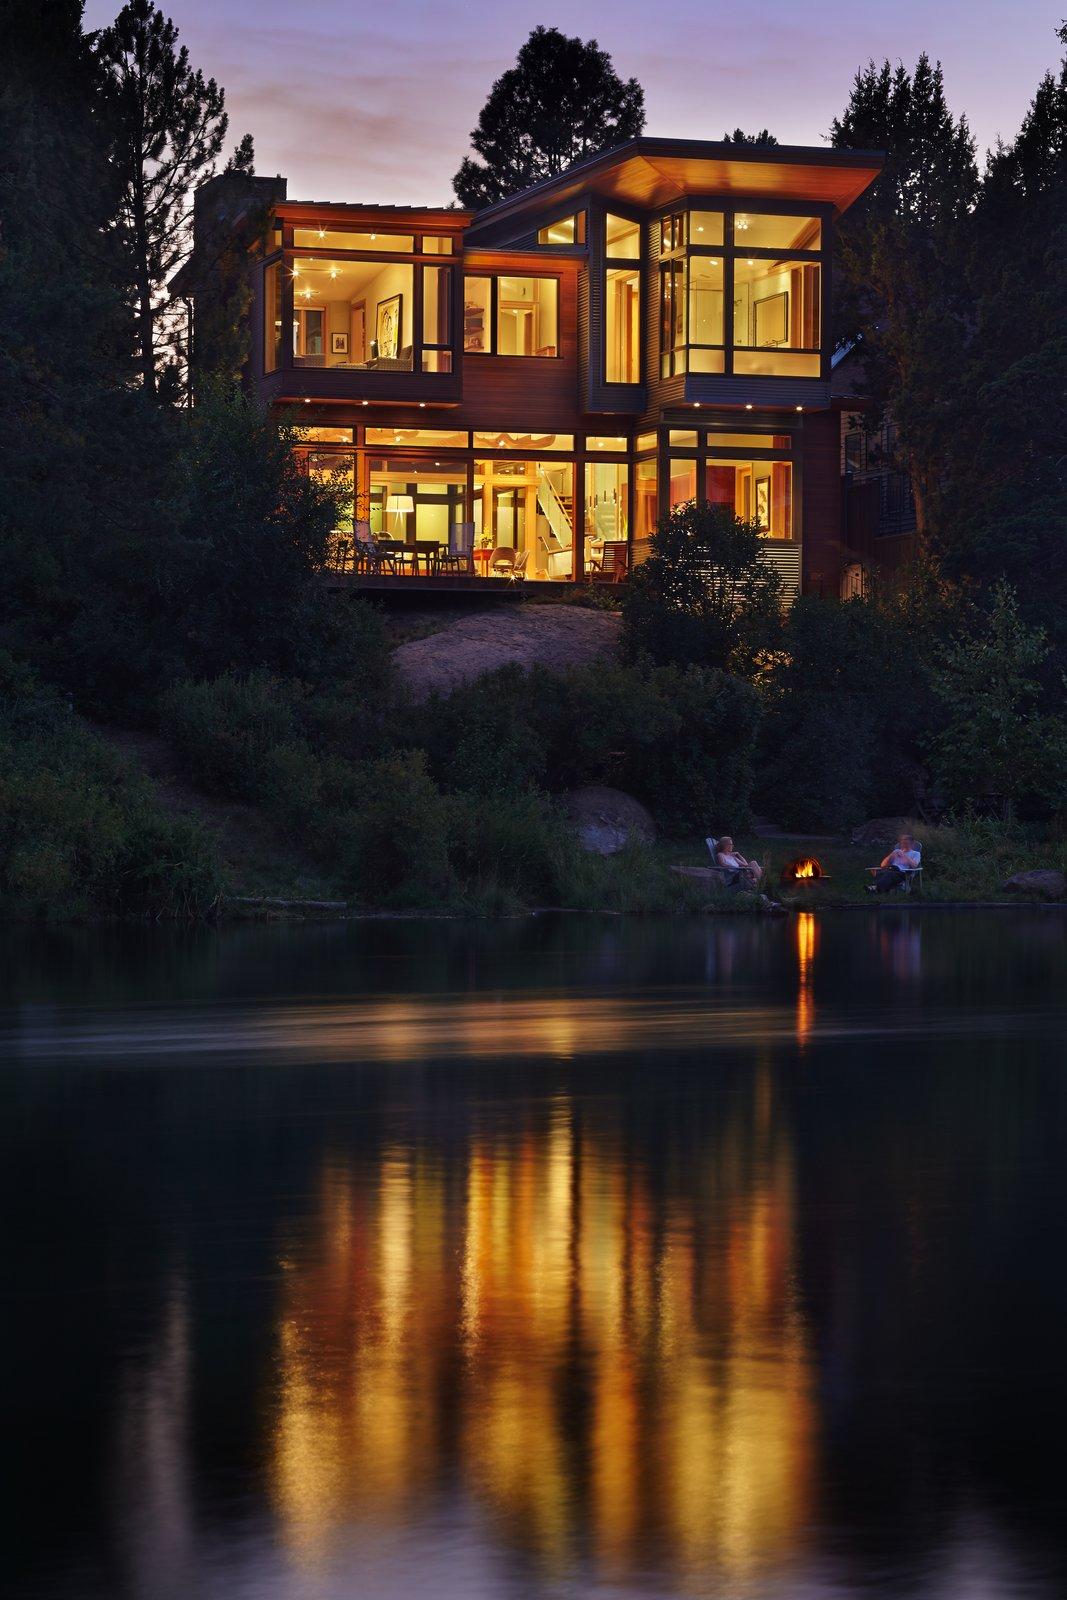 contempor rock river house - HD1067×1600